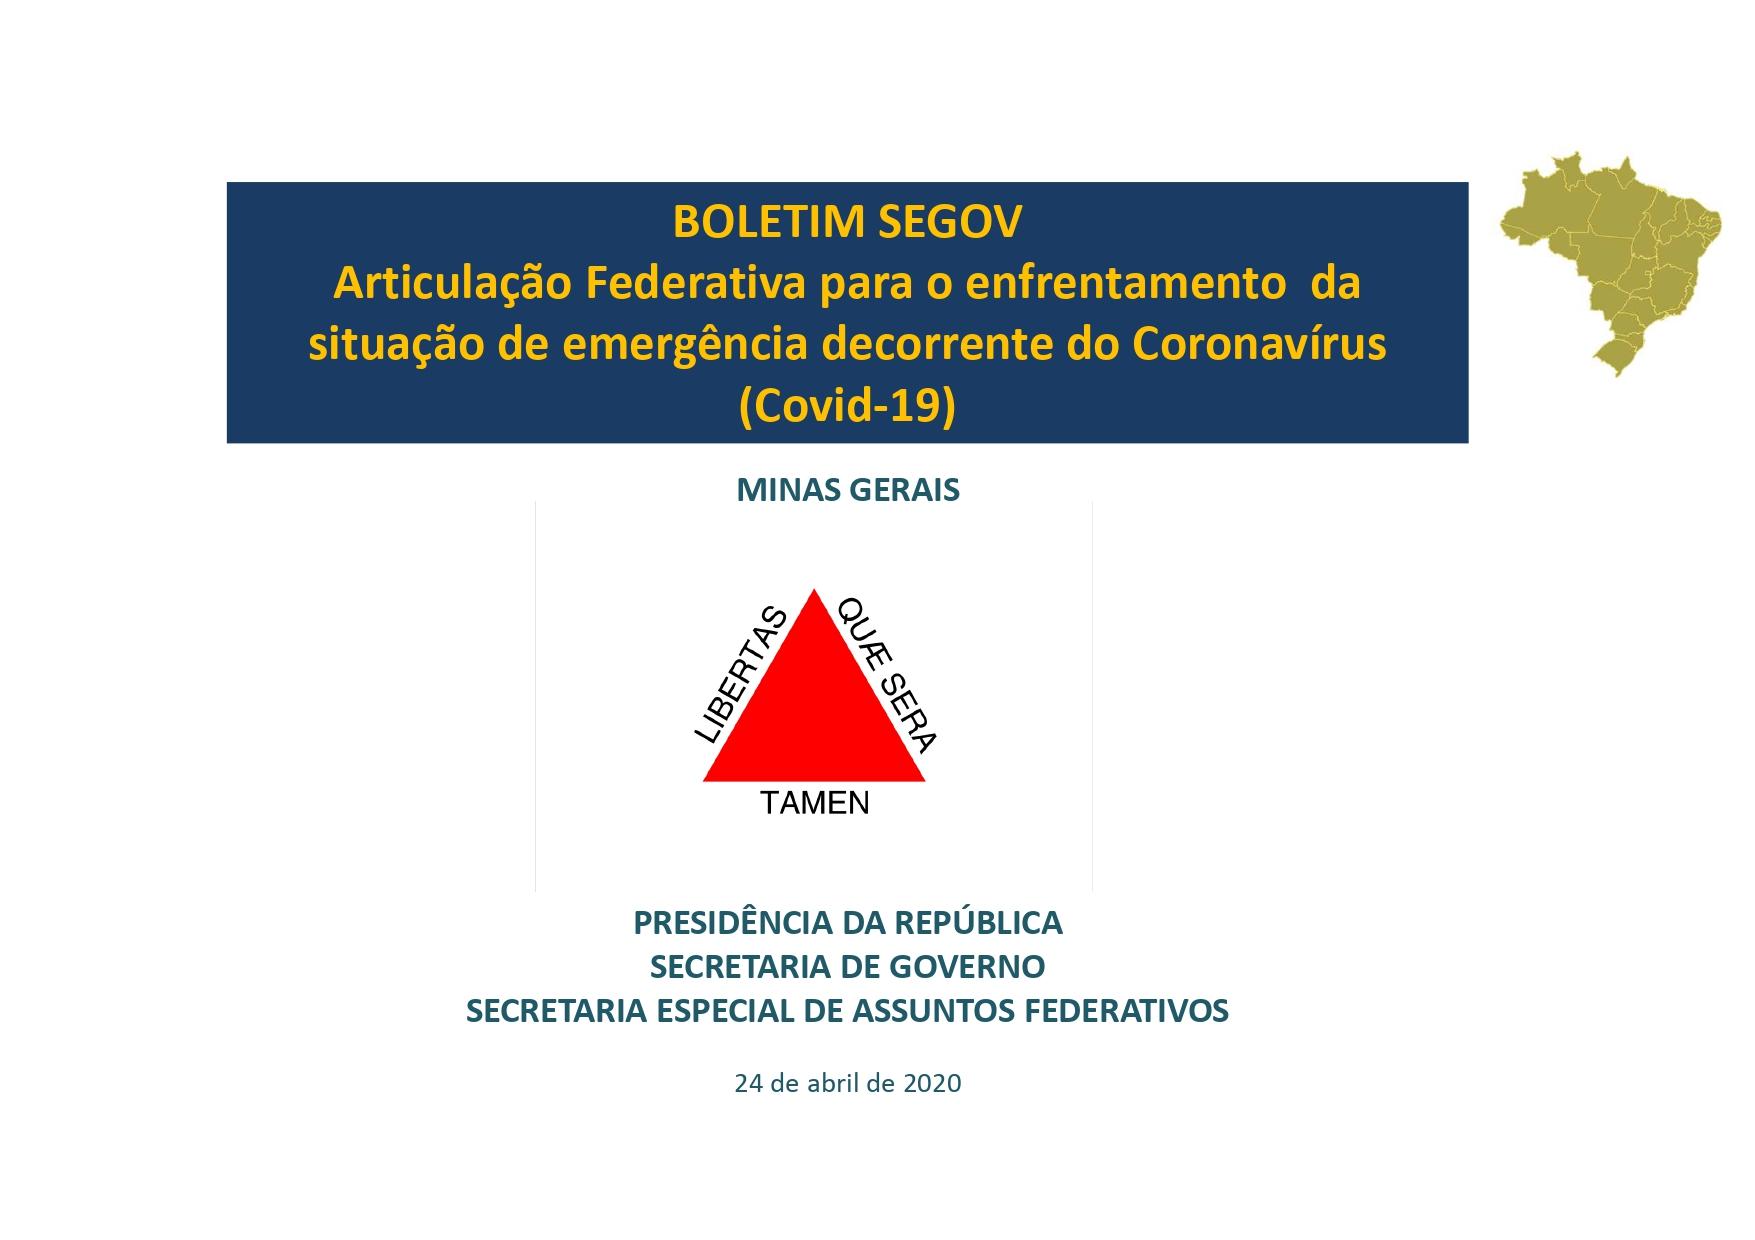 BOLETIM SEGOV - MG - v1_page-0001